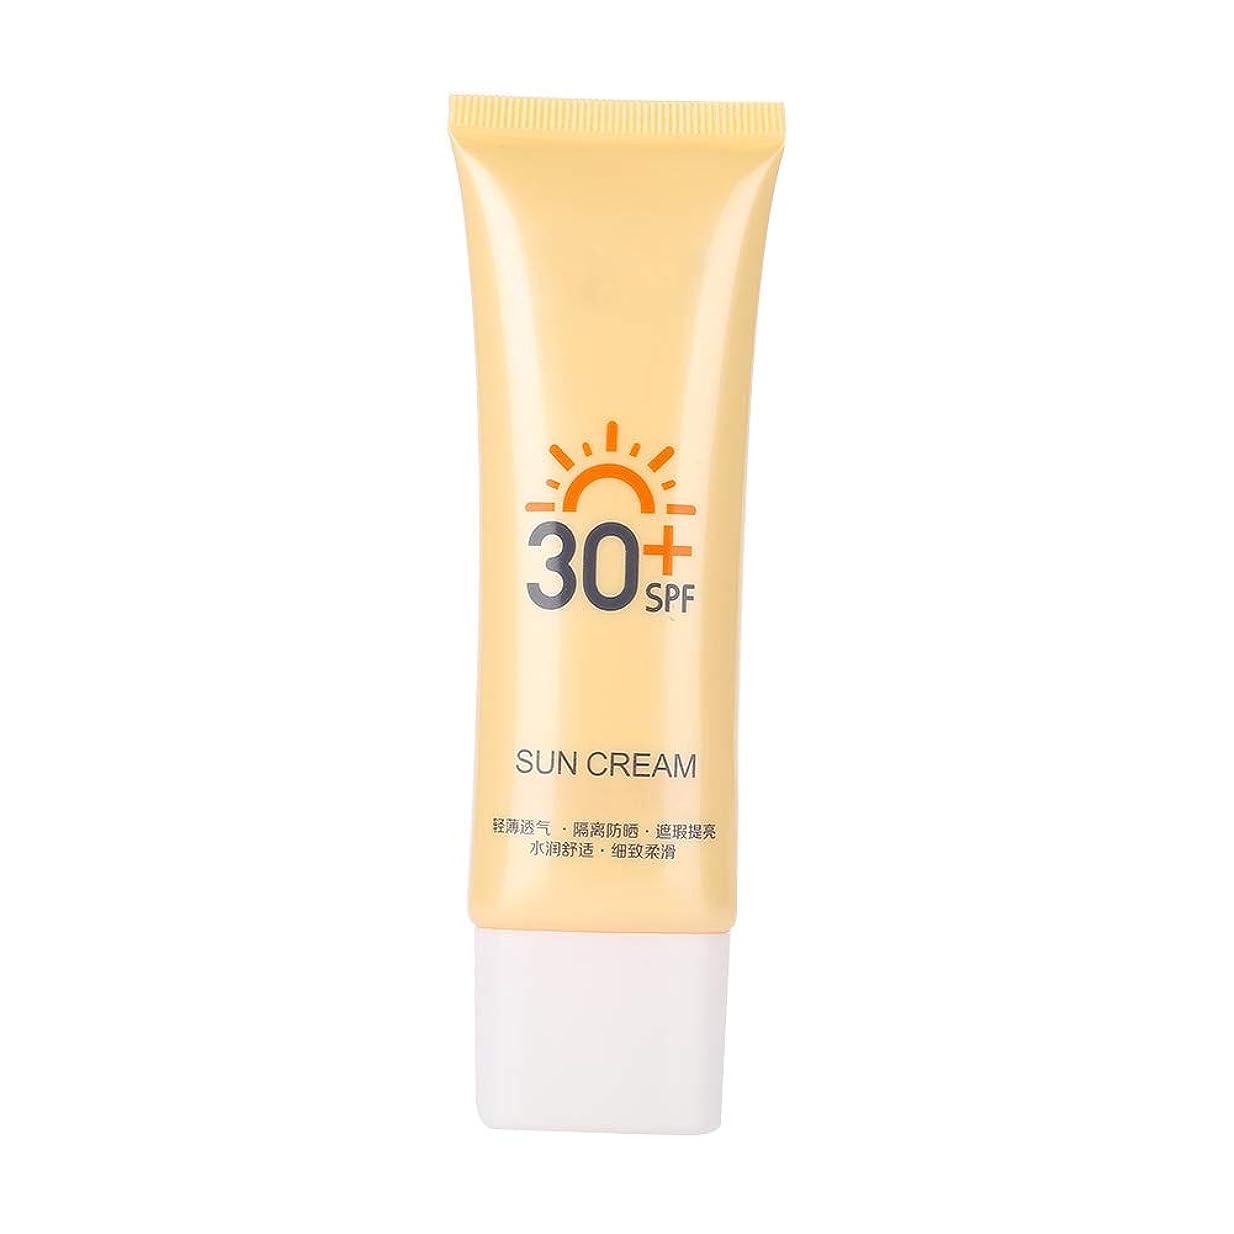 恩恵敬意を表してスーパーSemme日焼け止めクリーム、日焼け止めクリーム40グラム日焼け止めクリームSPF30 + uv日焼け止めブライトニング防水クリーム